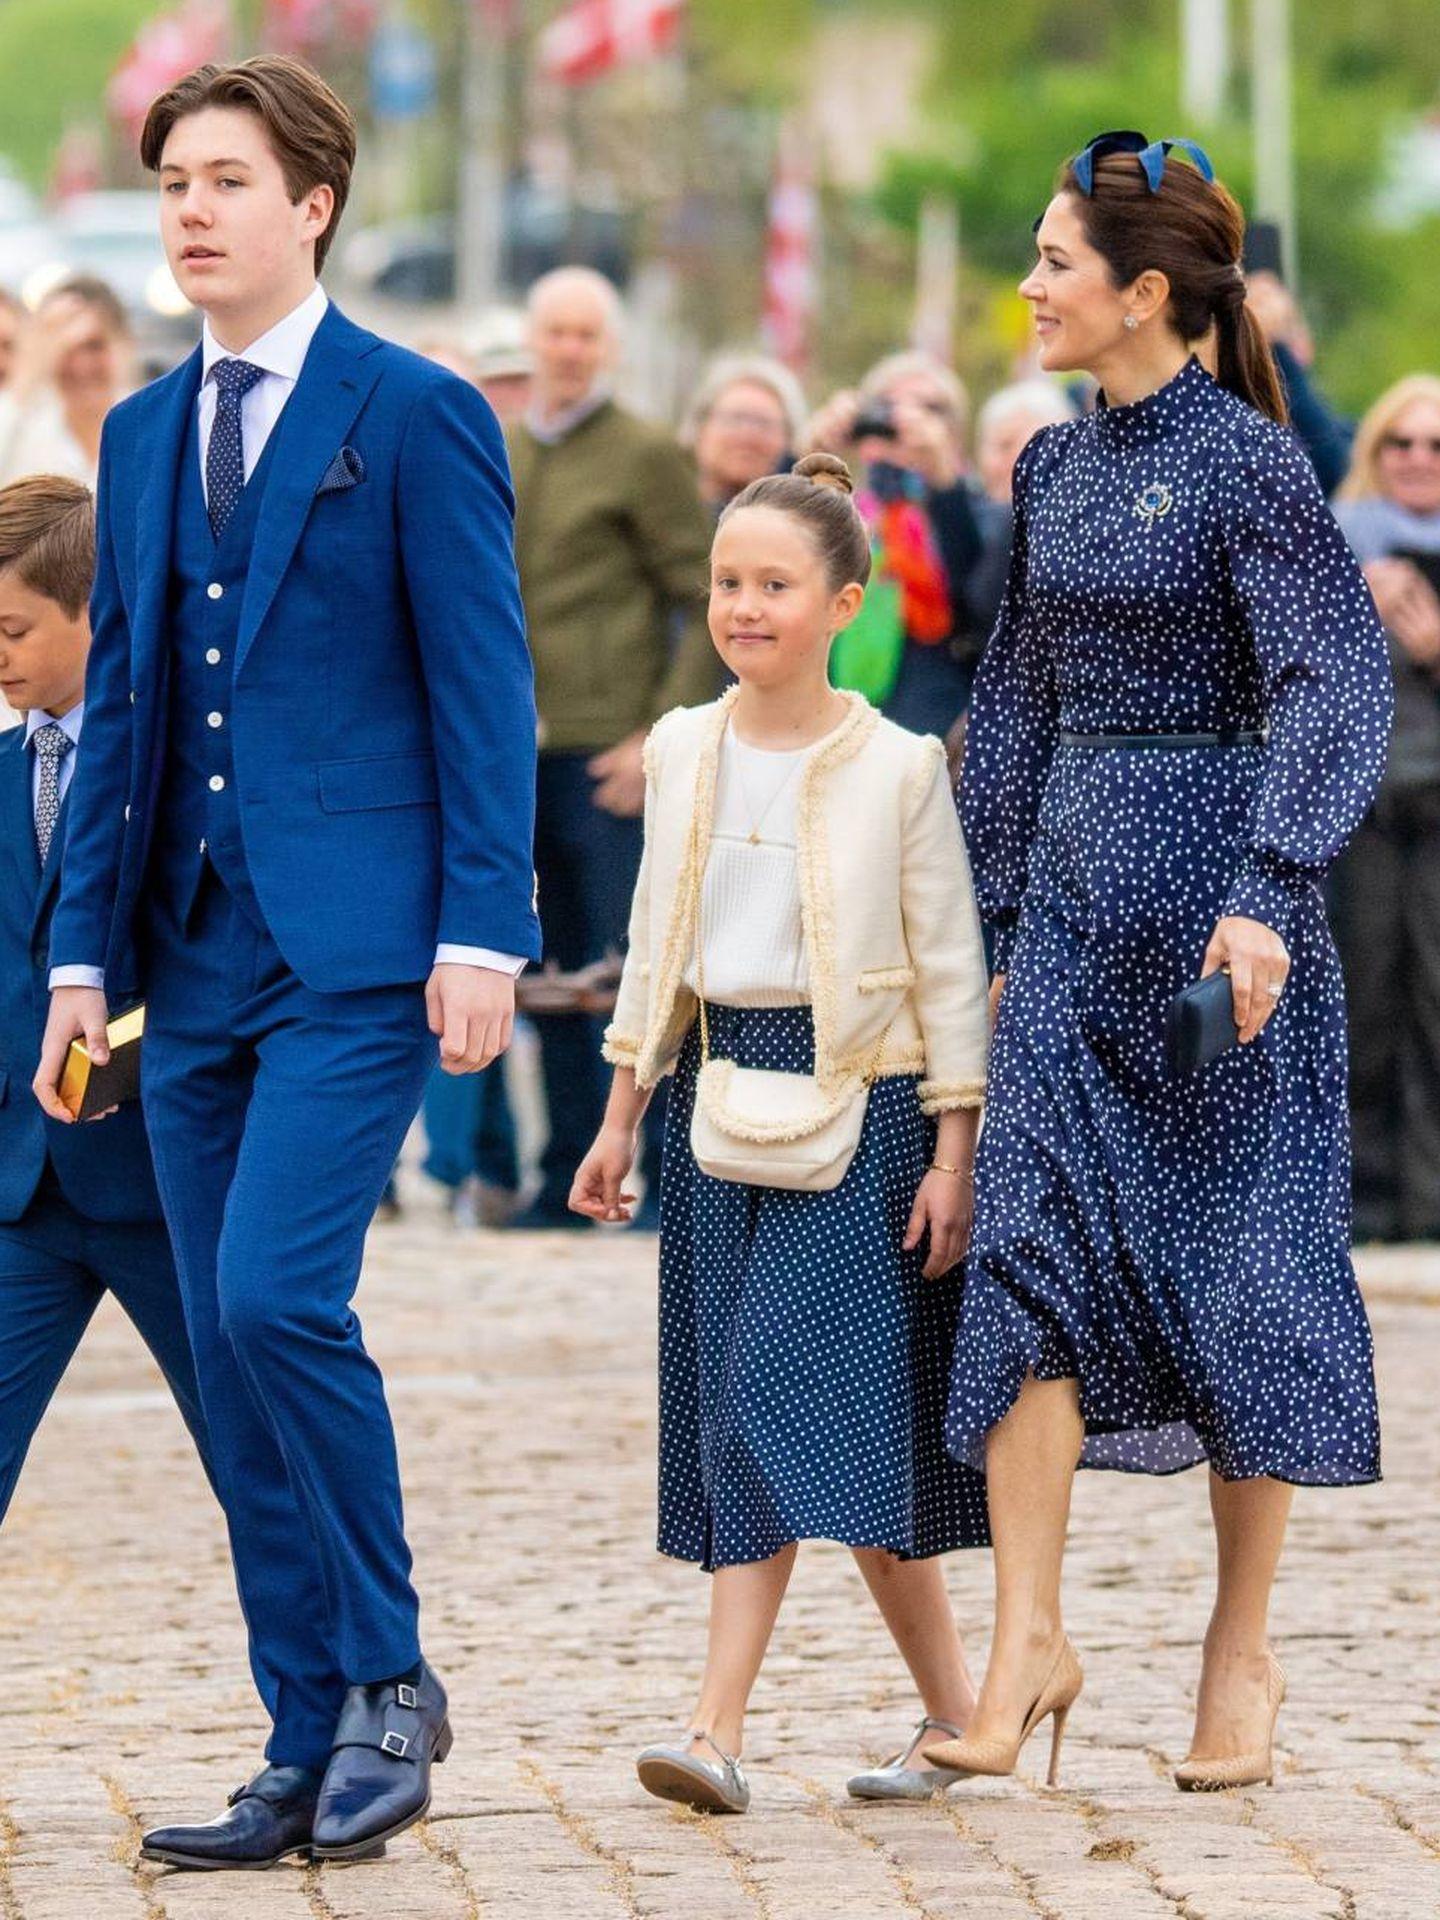 La princesa Josephine, con su madre y su hermano. (CP)